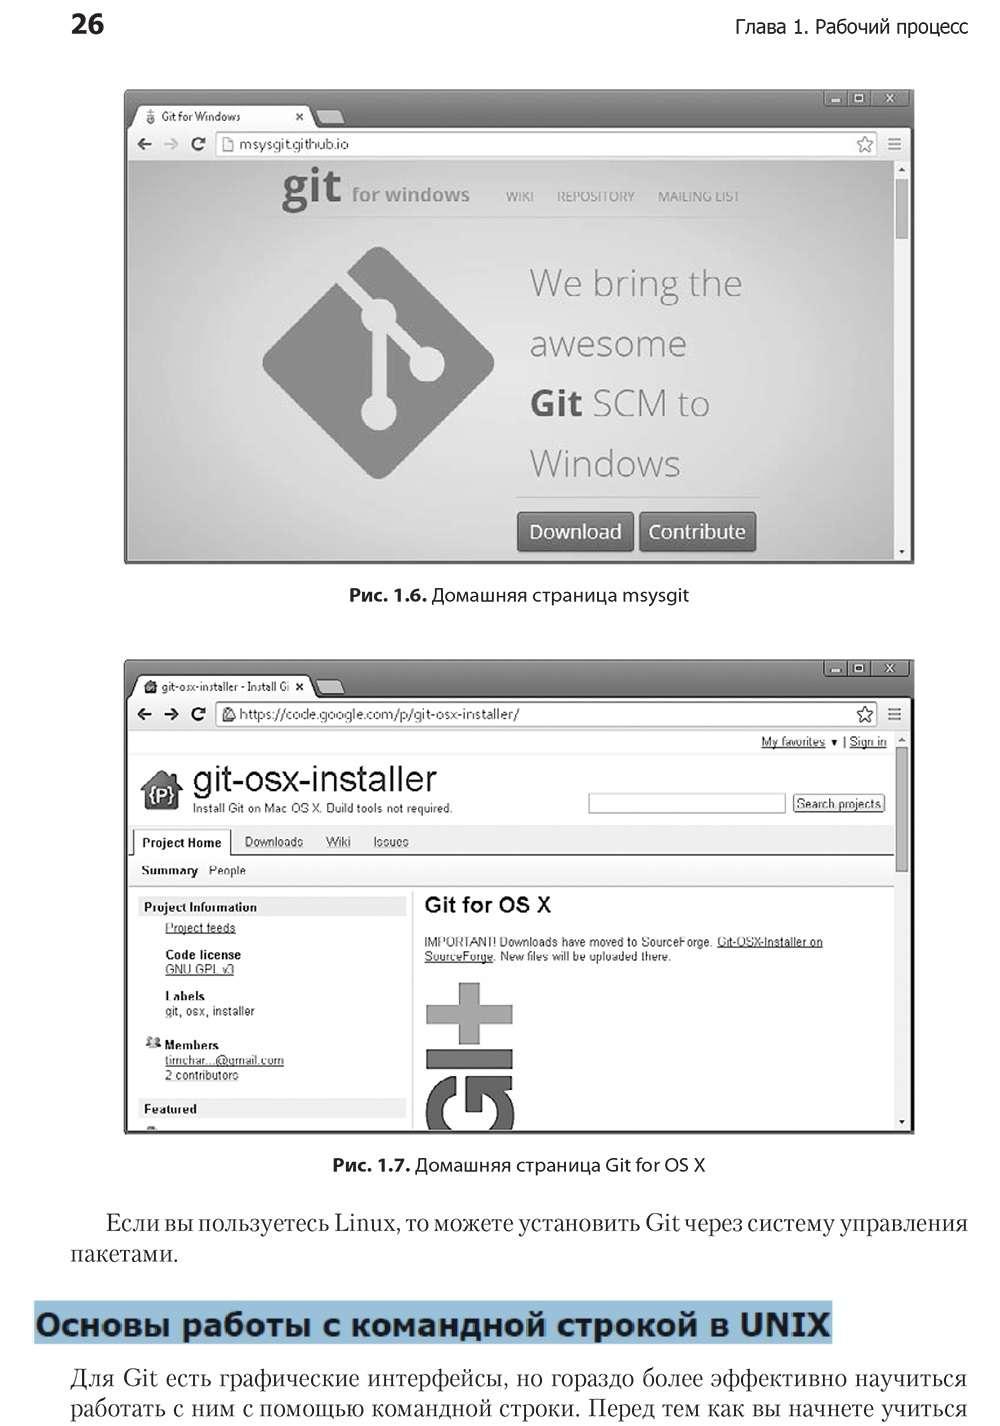 Сэмми Пьюривал | Основы разработки веб-приложений | PDF